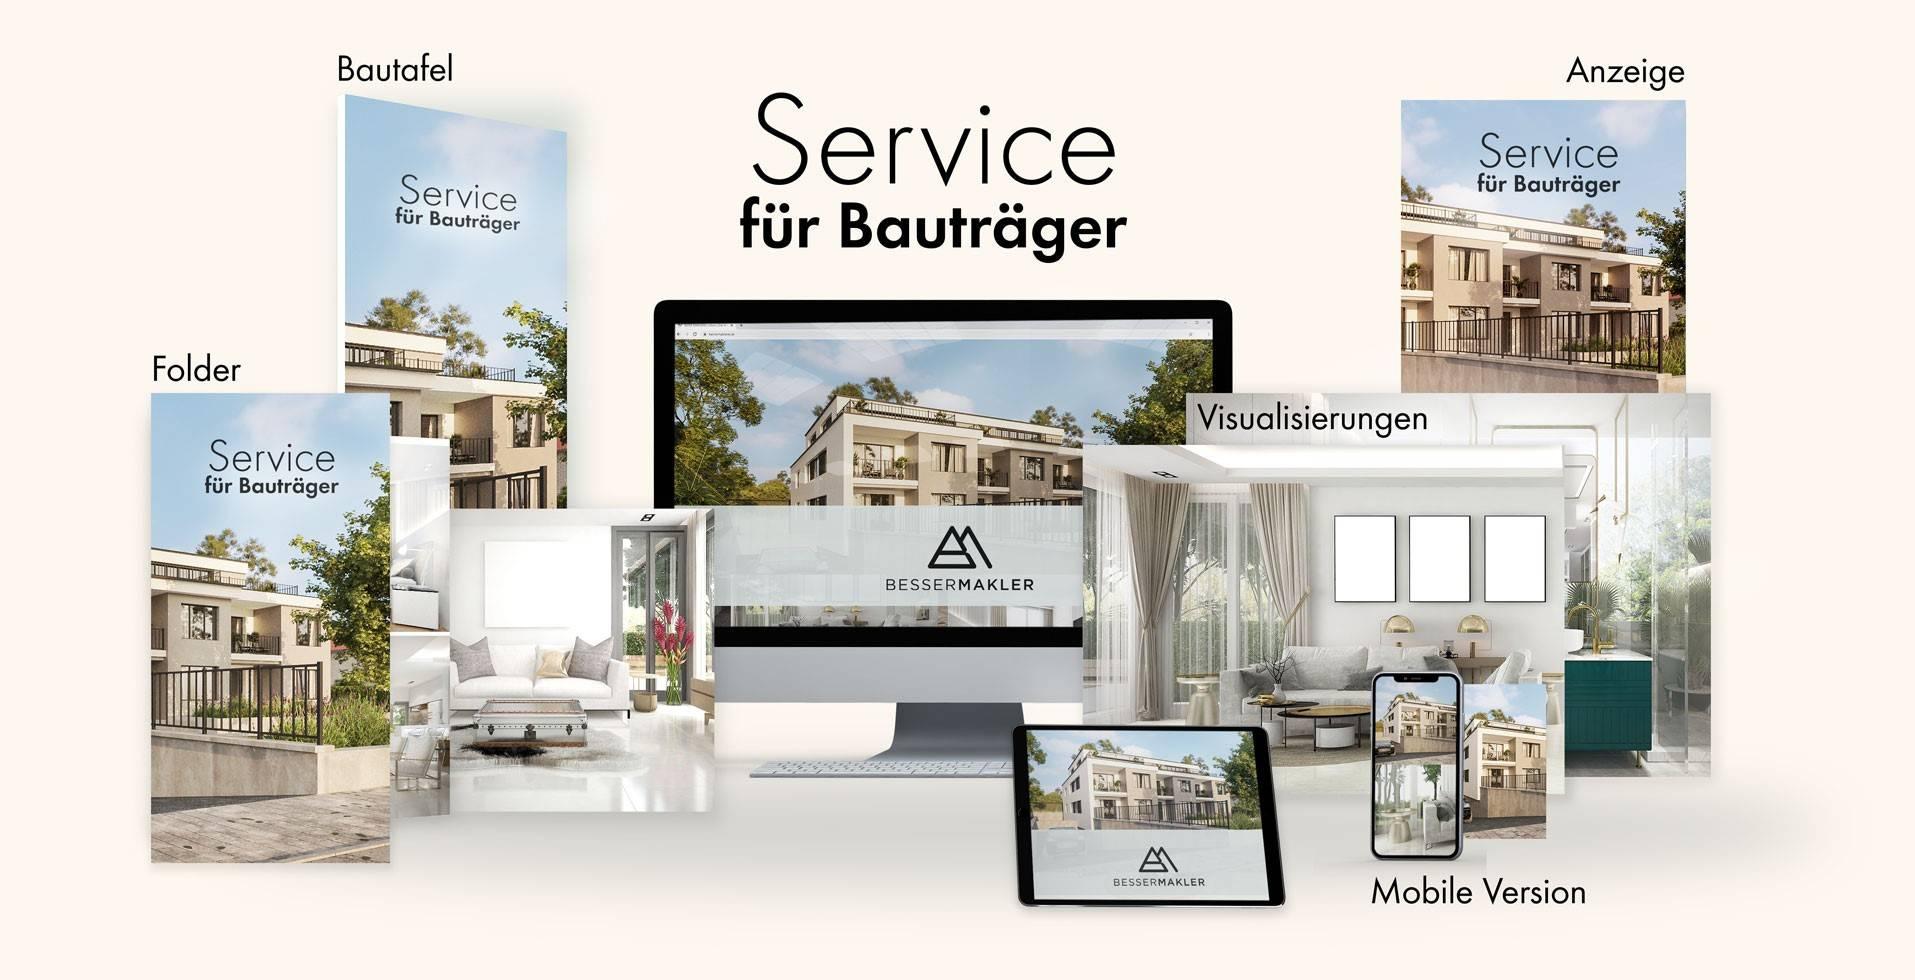 Service für Bauträger